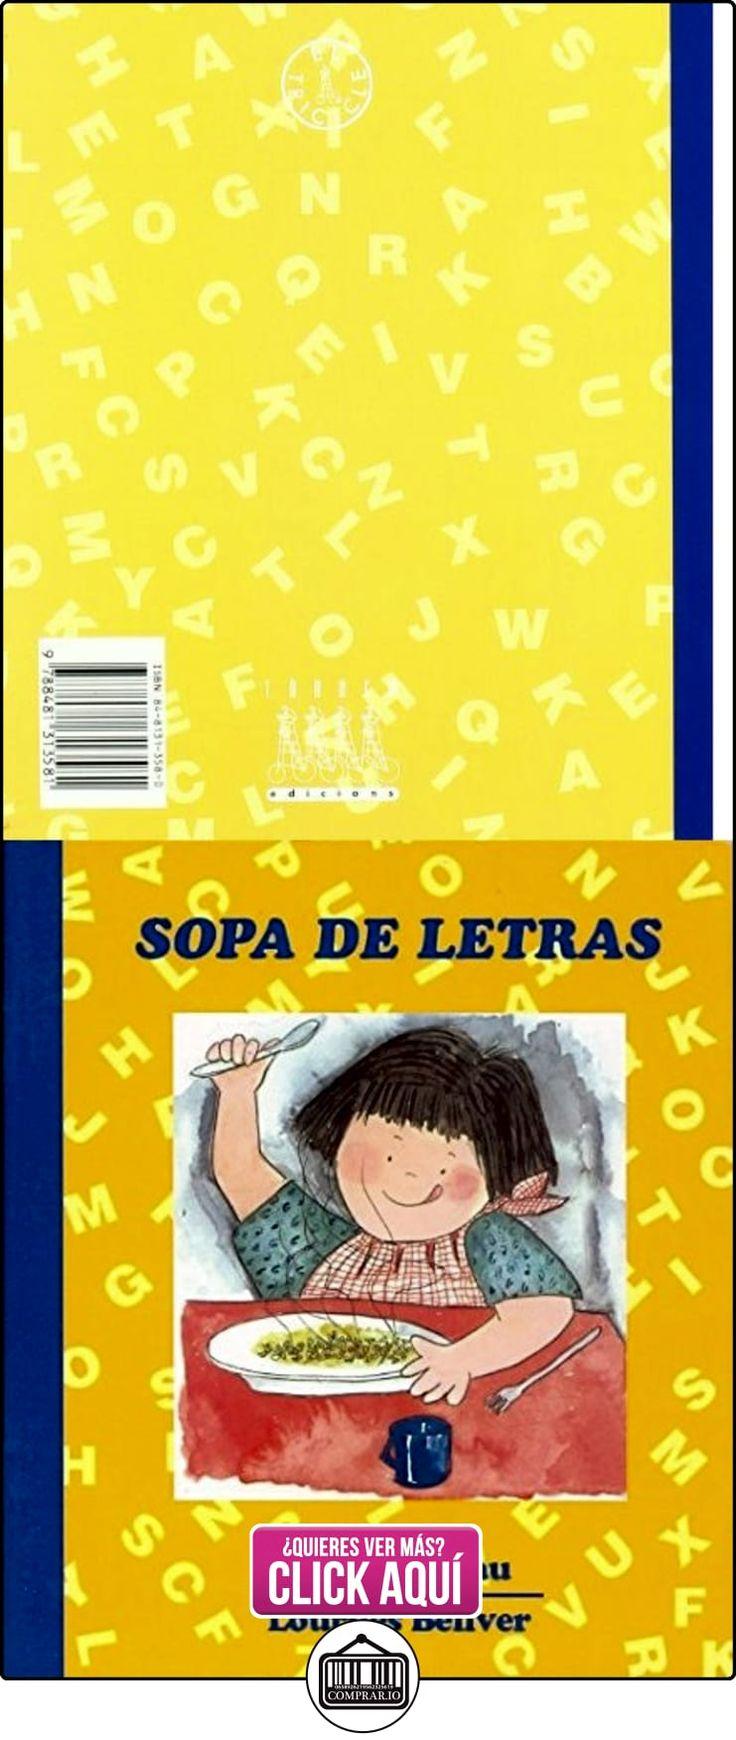 Sopa de letras (El Triciclo) Fina Masgrau Plana ✿ Libros infantiles y juveniles - (De 6 a 9 años) ✿ ▬► Ver oferta: https://comprar.io/goto/8481313580